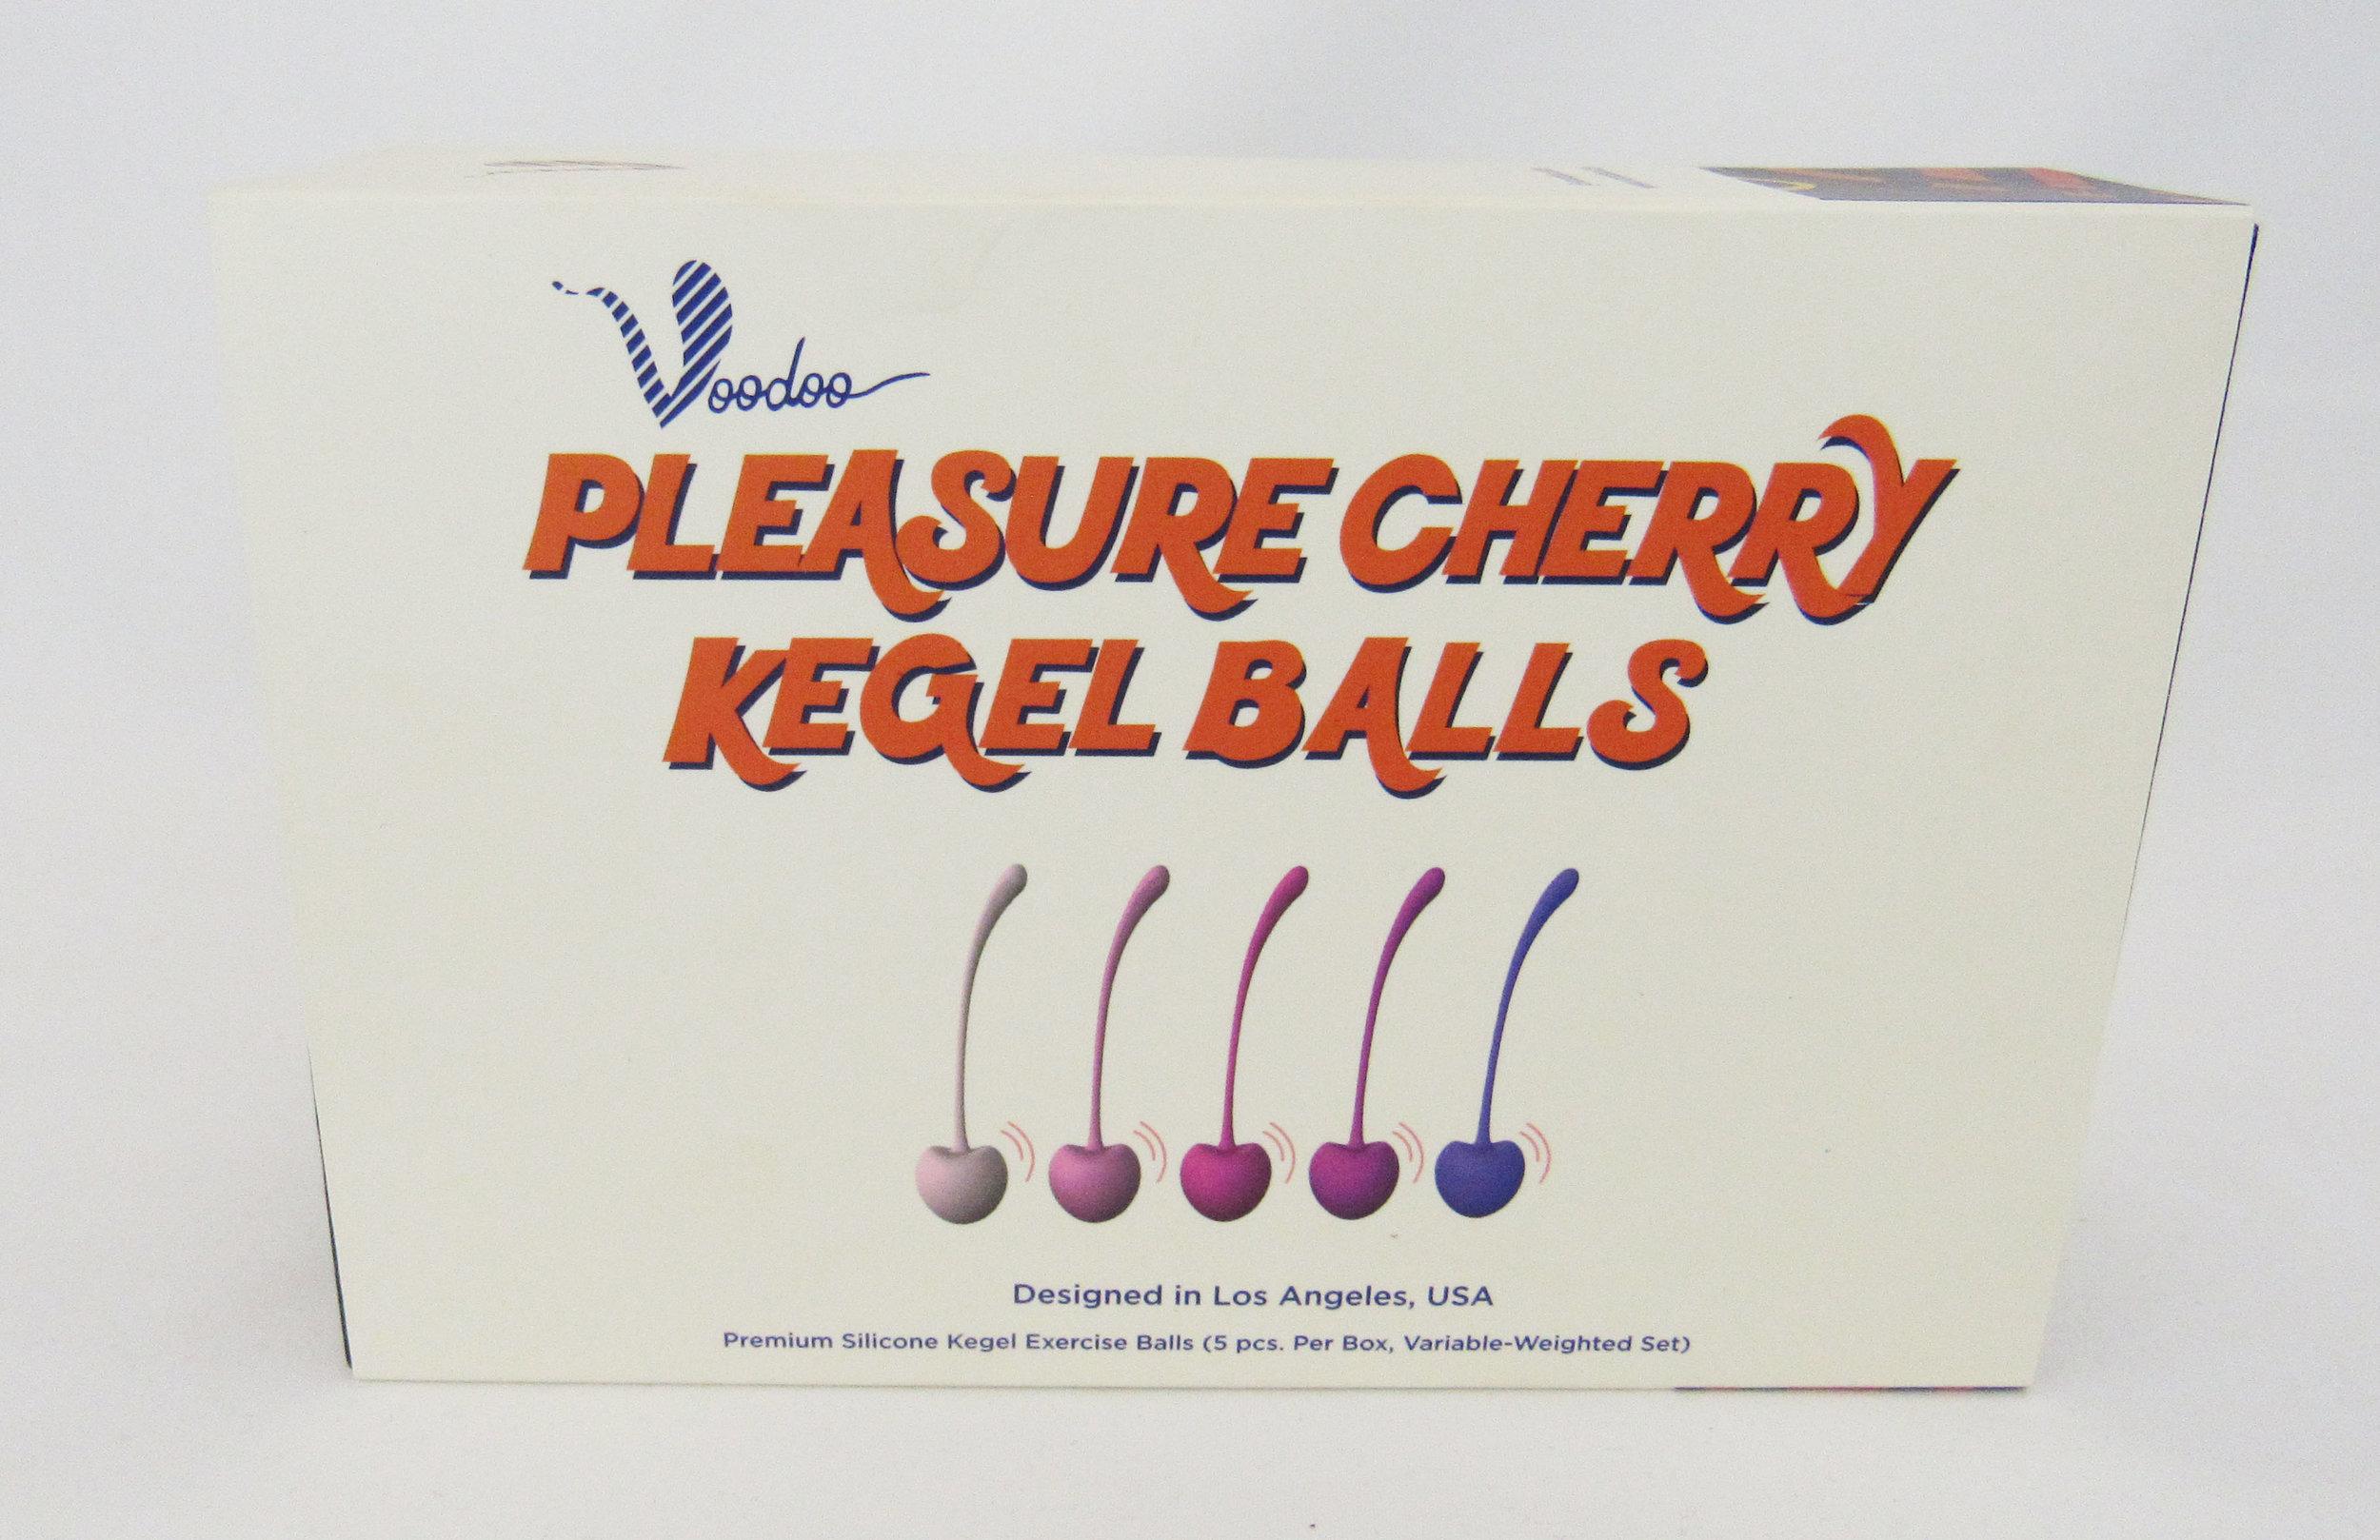 CherryKegels_1.JPG